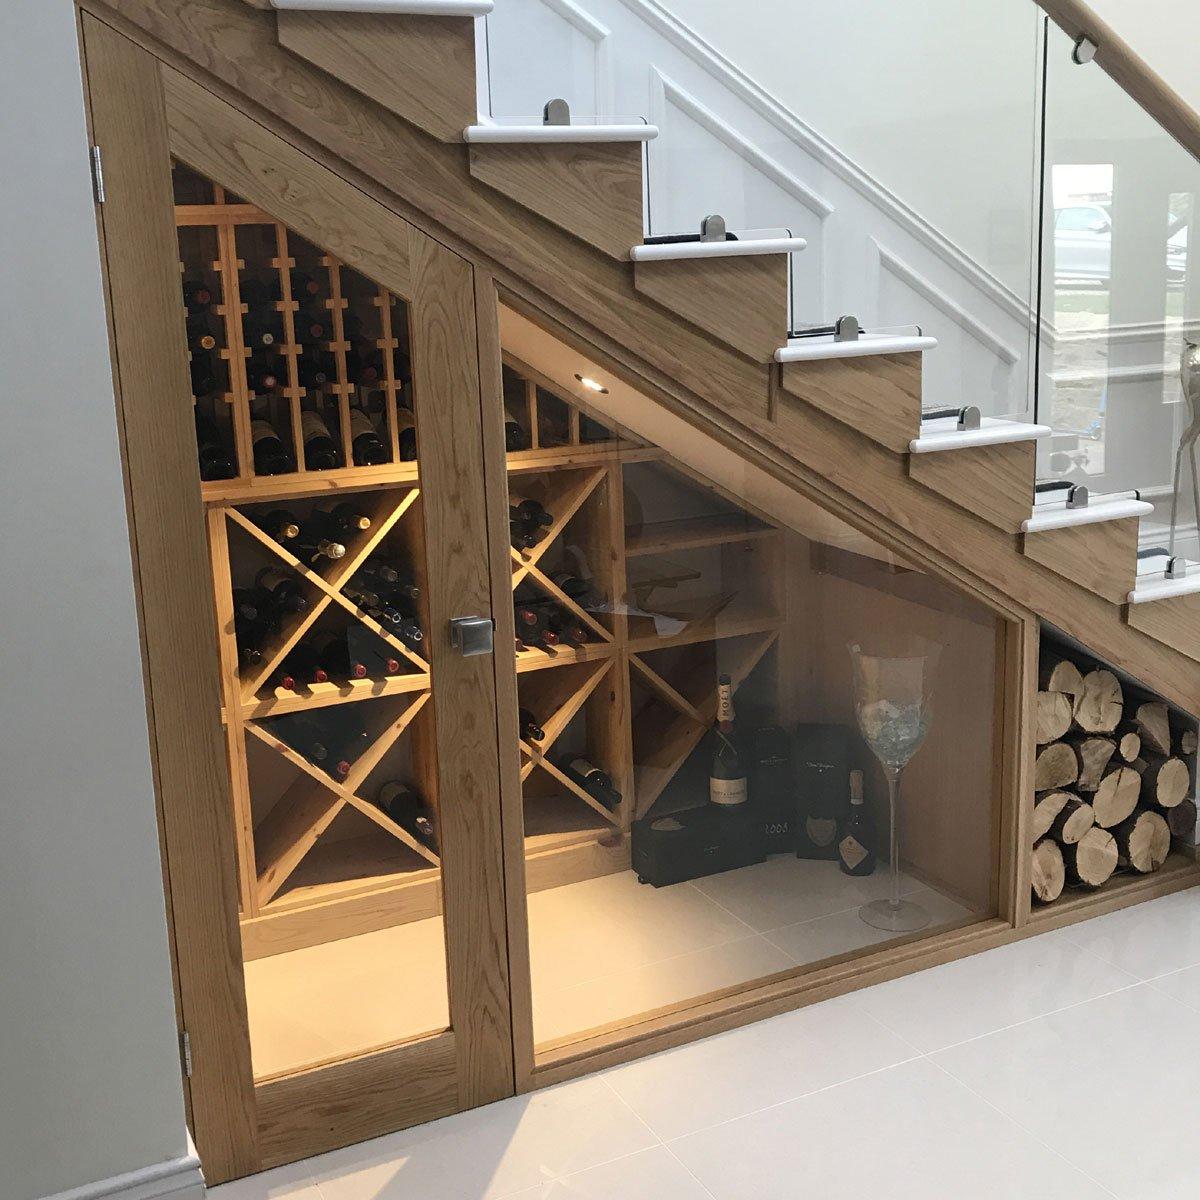 Bespoke Under Stairs Shelving: Wineware (@WinewareUK)